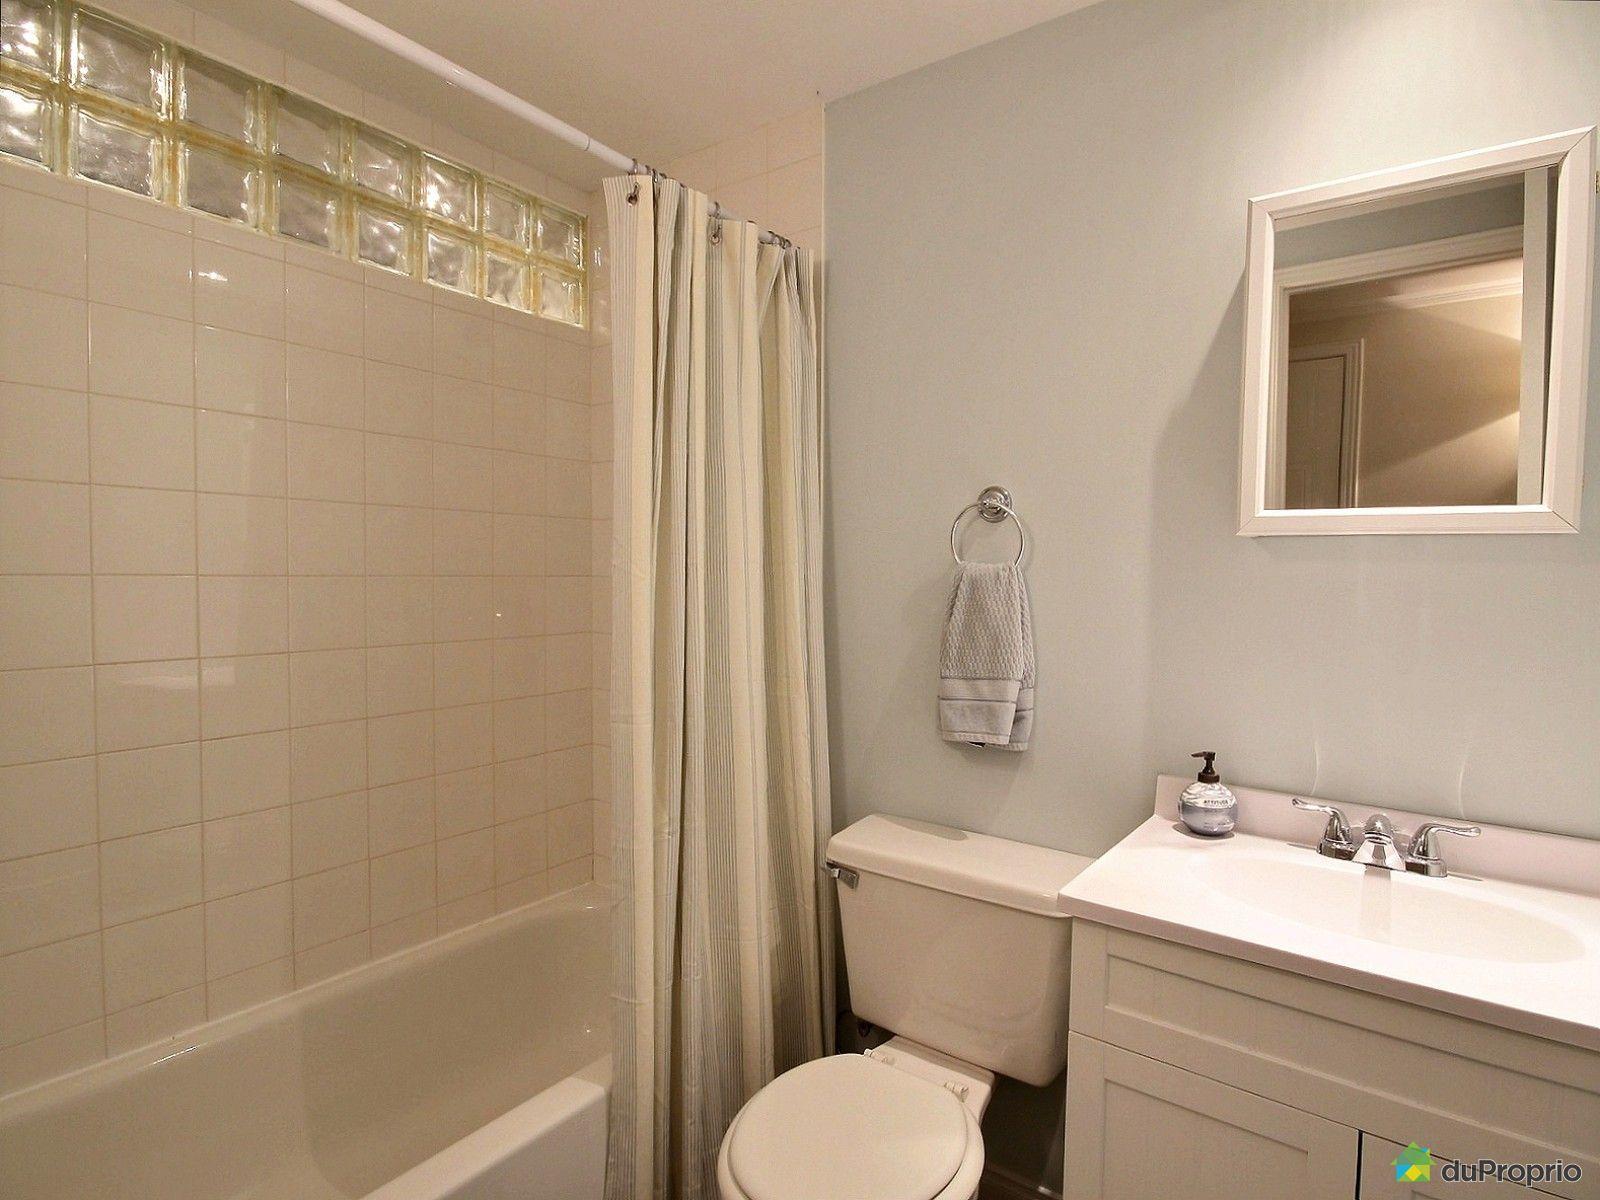 Maison vendre deux montagnes 2397 rue madame magnan for Salle de bain commune a deux chambres